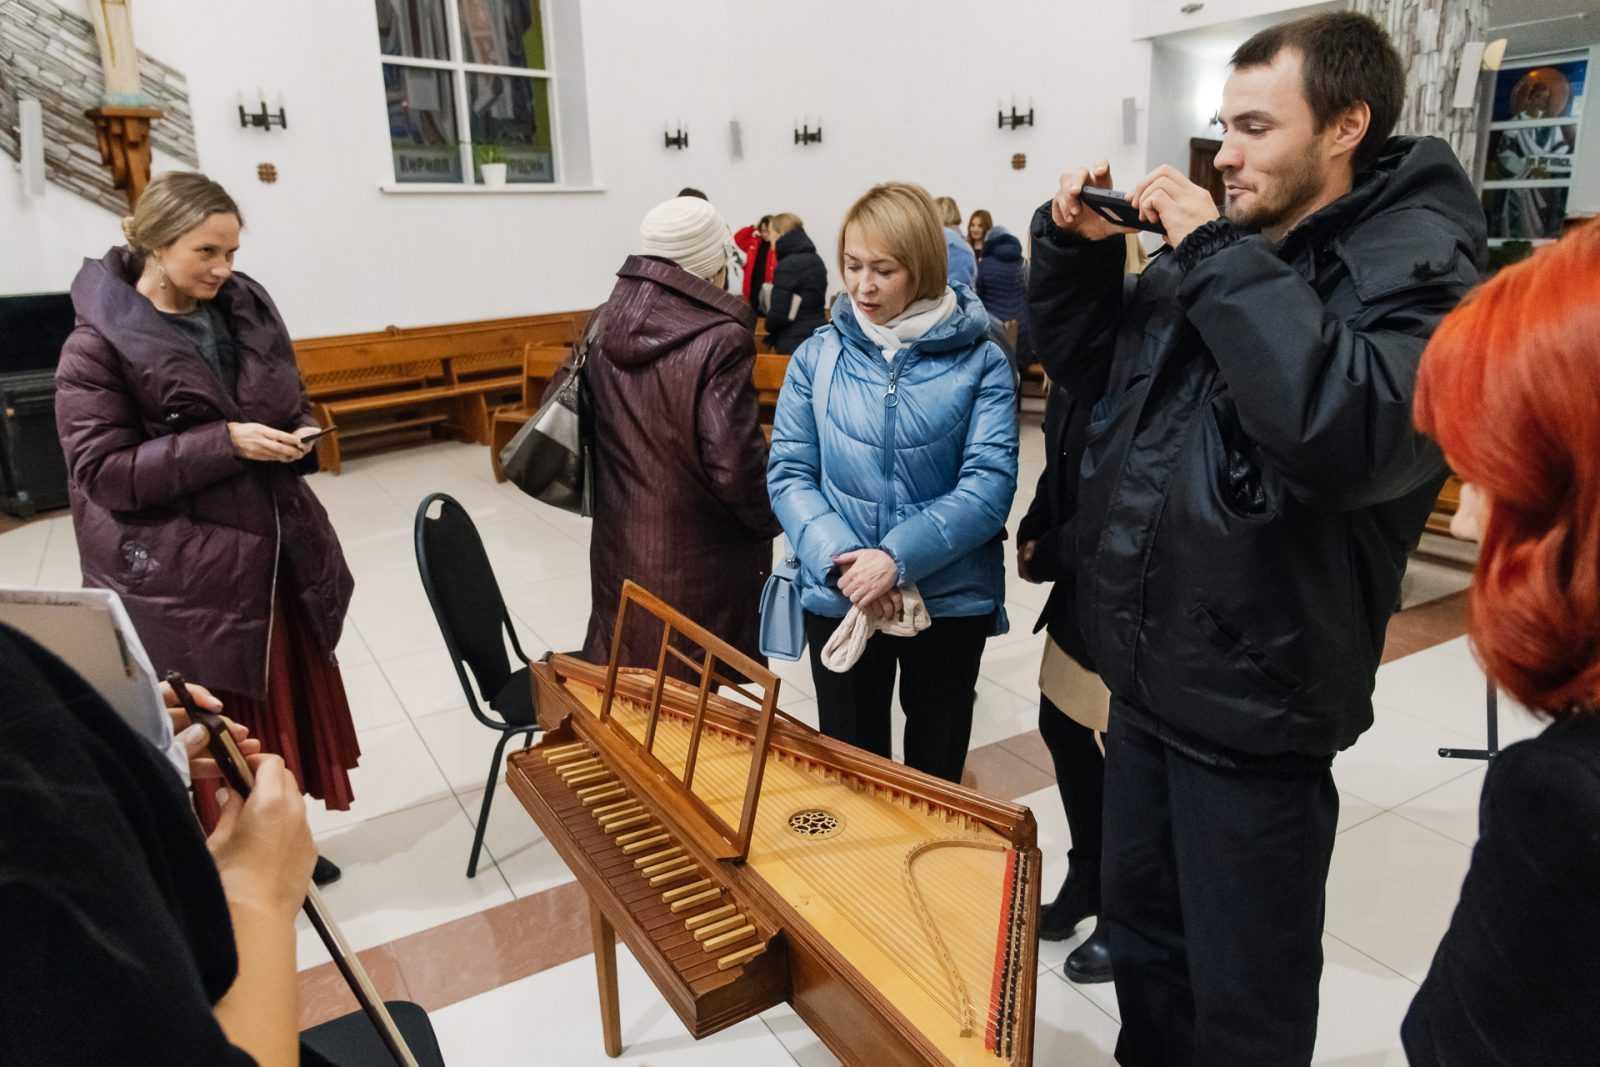 Музыка в храме КОНЦЕРТ «МАСТЕРА БАРОККО» 26.10.2019 44